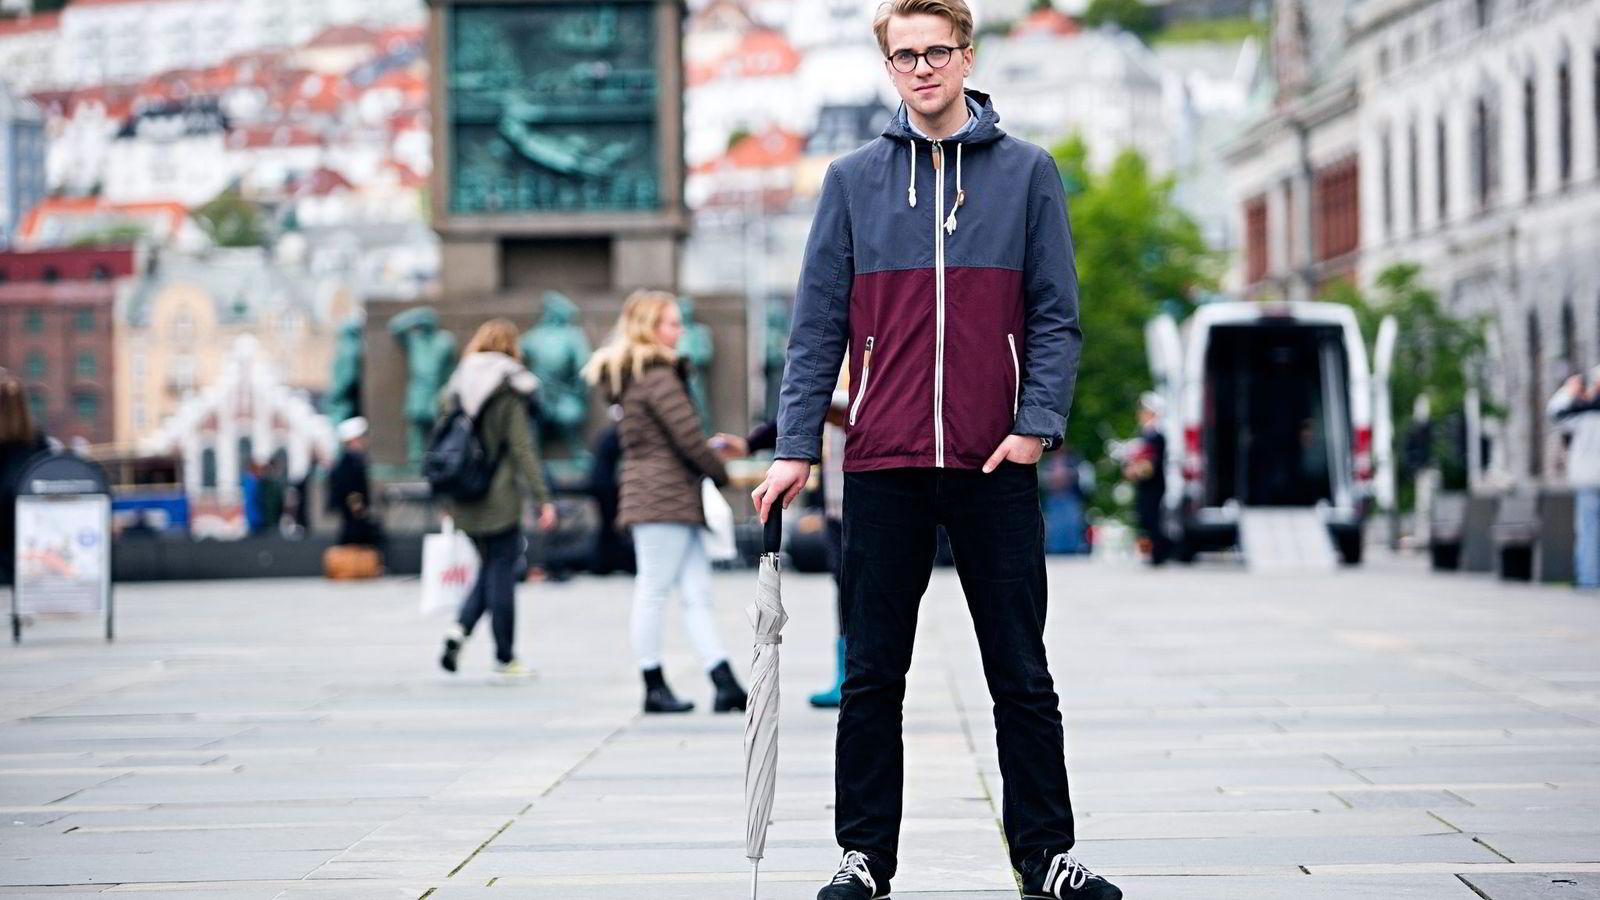 Mathias Fischer er tidligere Venstre-politiker, men droppet politikken for å bli en av landets yngste aviskommentatorer.